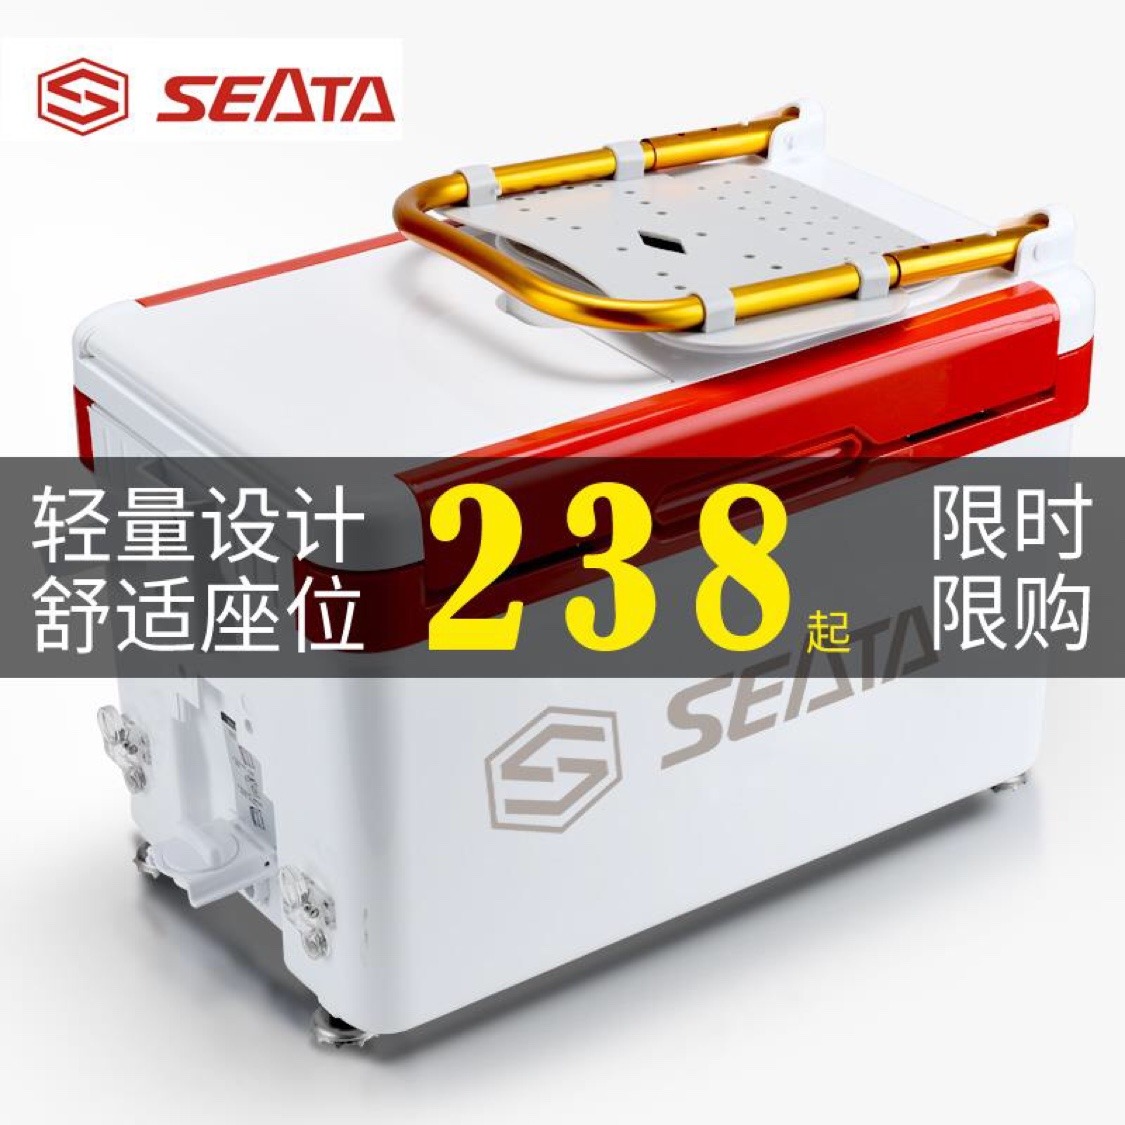 2019新款多功能32升款台钓箱钓鱼桶11月25日最新优惠